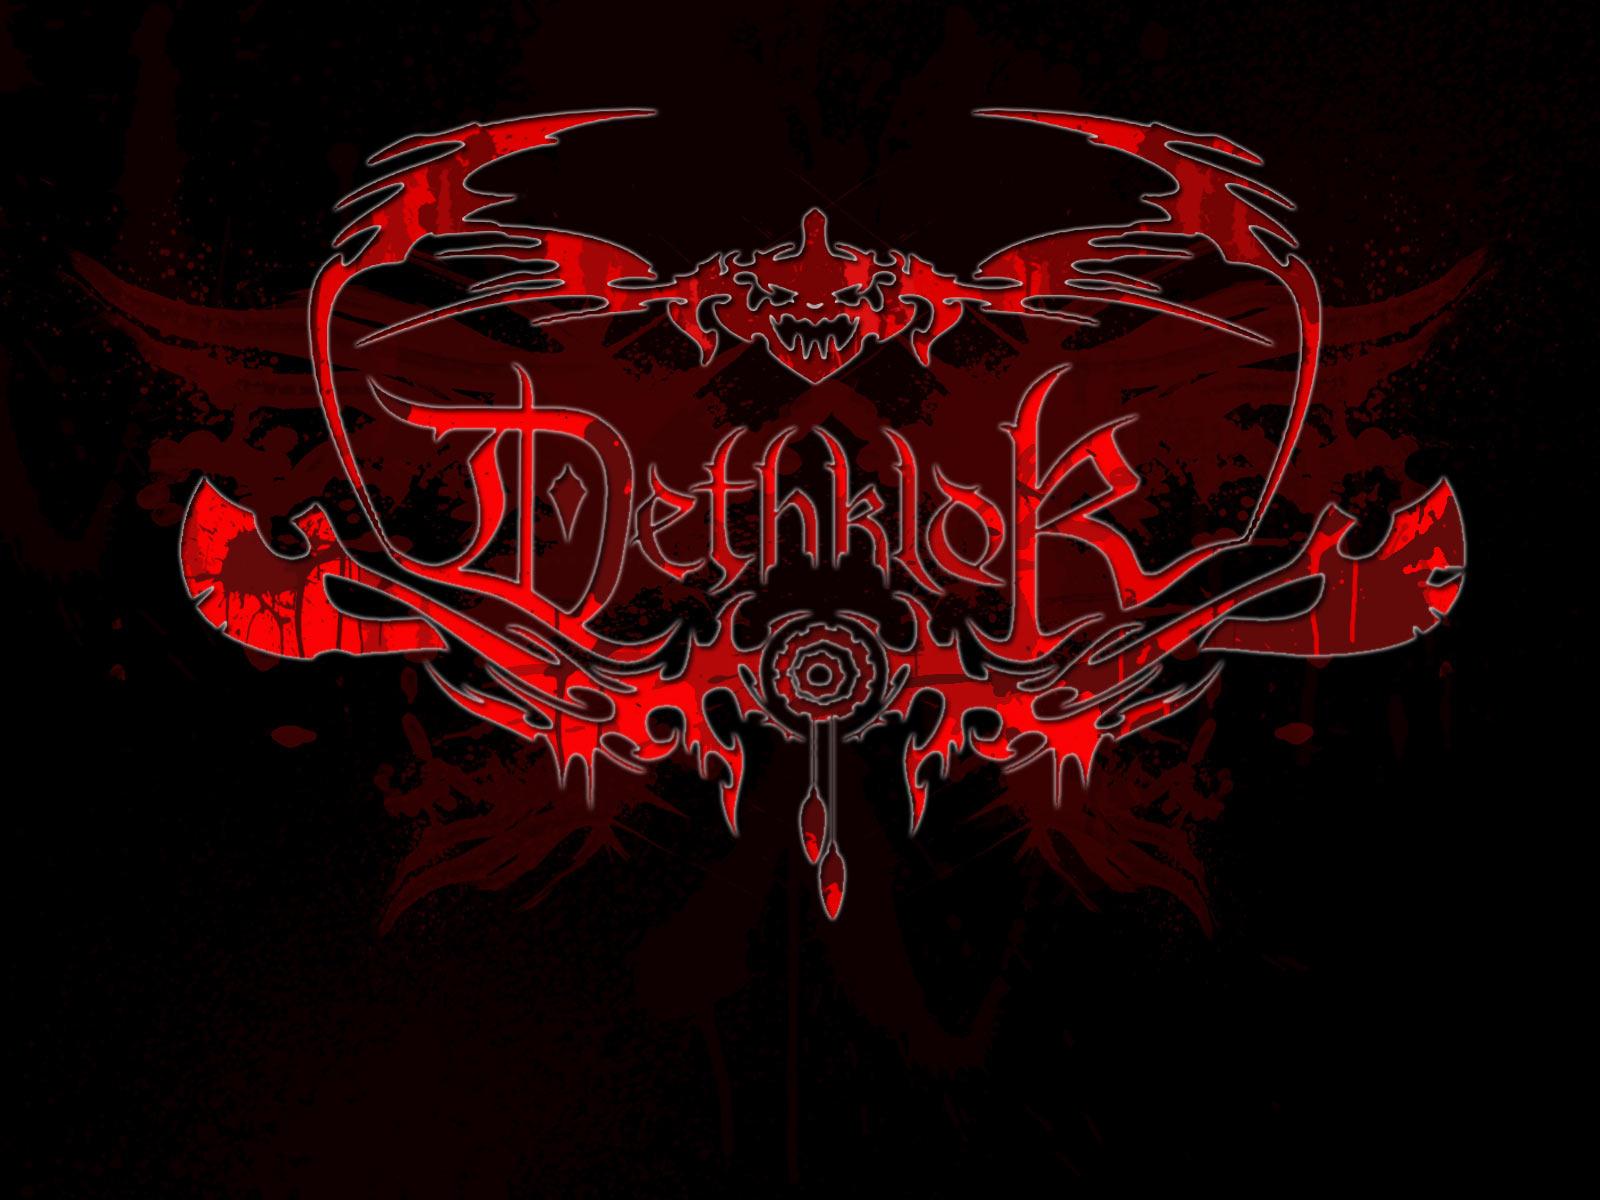 Download Dethklok Wallpaper 1600x1200 Wallpoper 319277 1600x1200